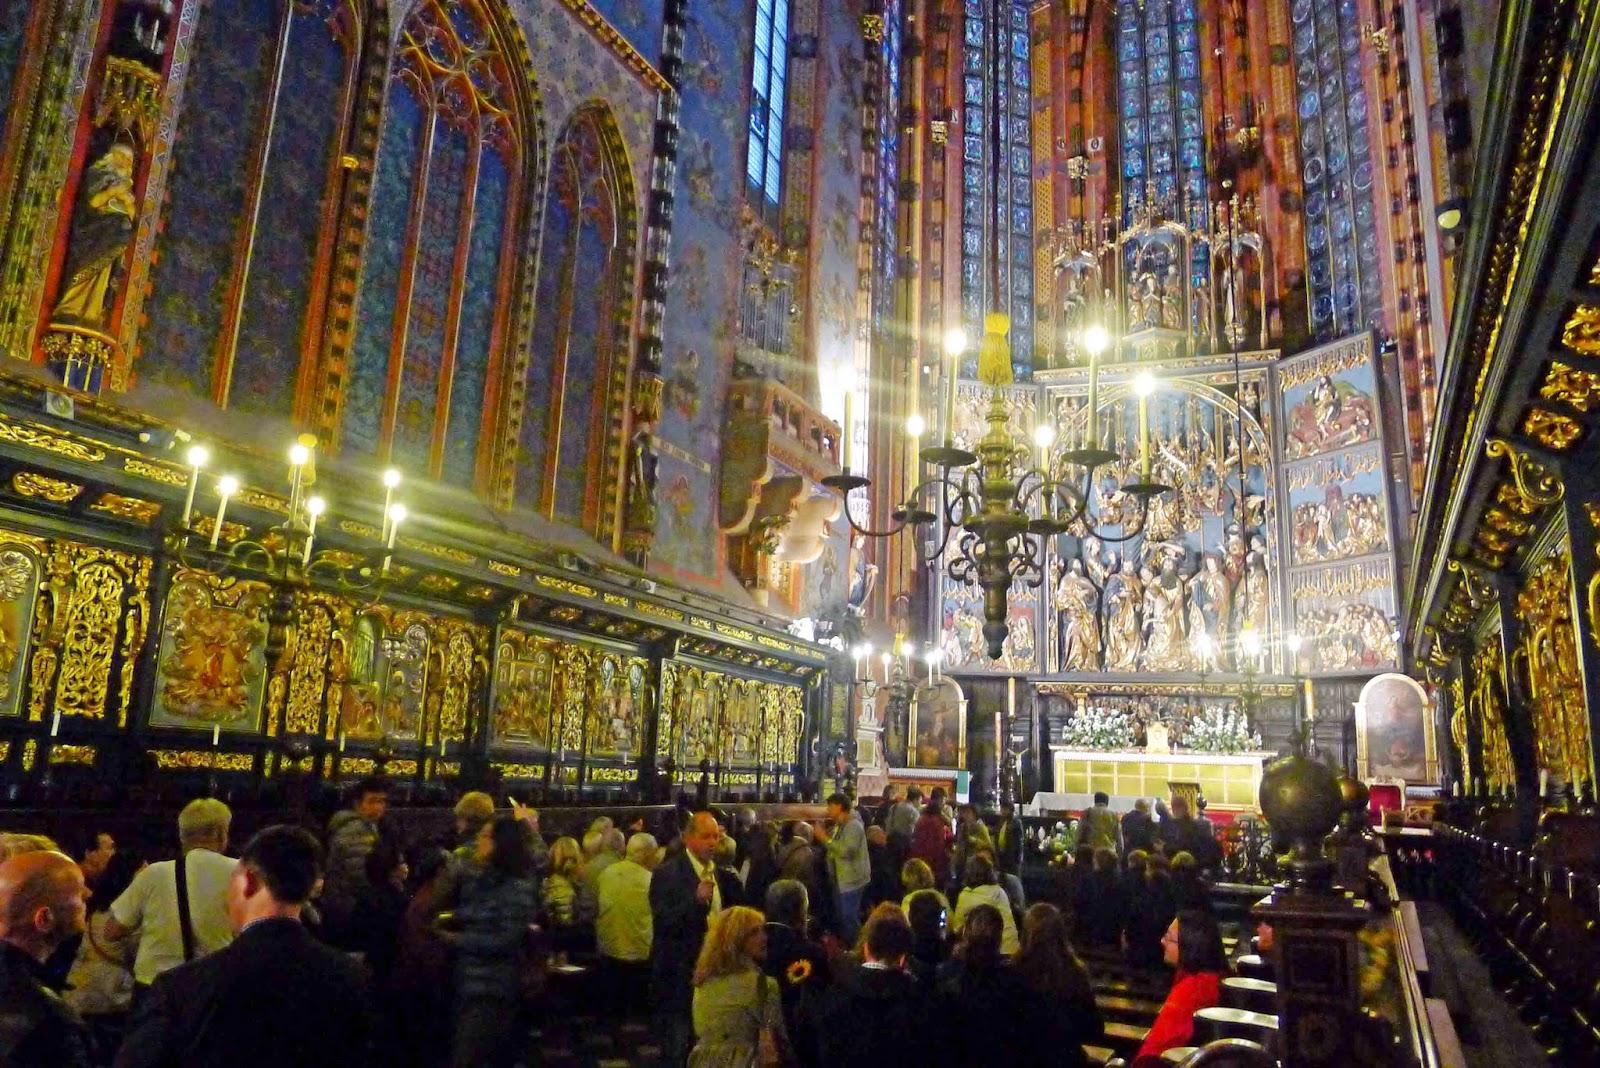 St. Mary's Basilica Altar